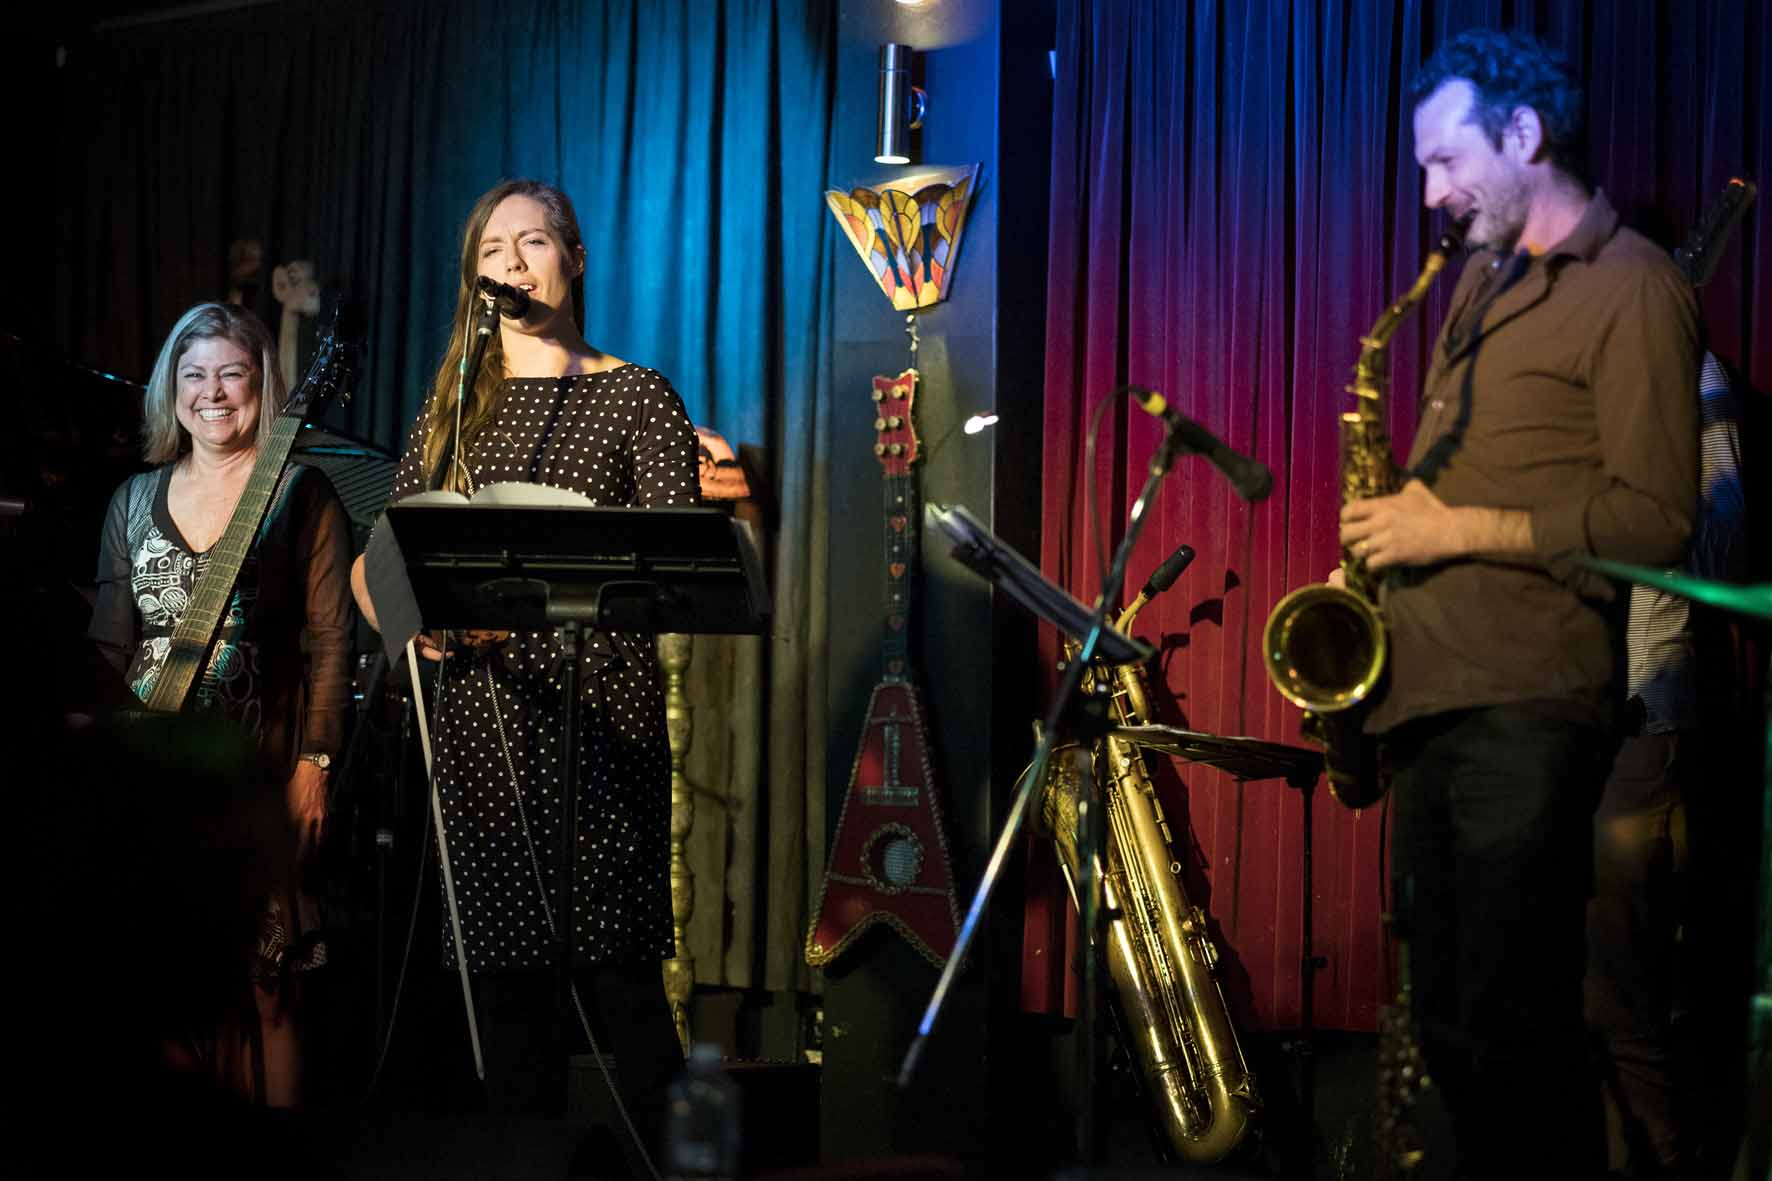 Elysian Fields 0046 Jenny,Susie,MattK